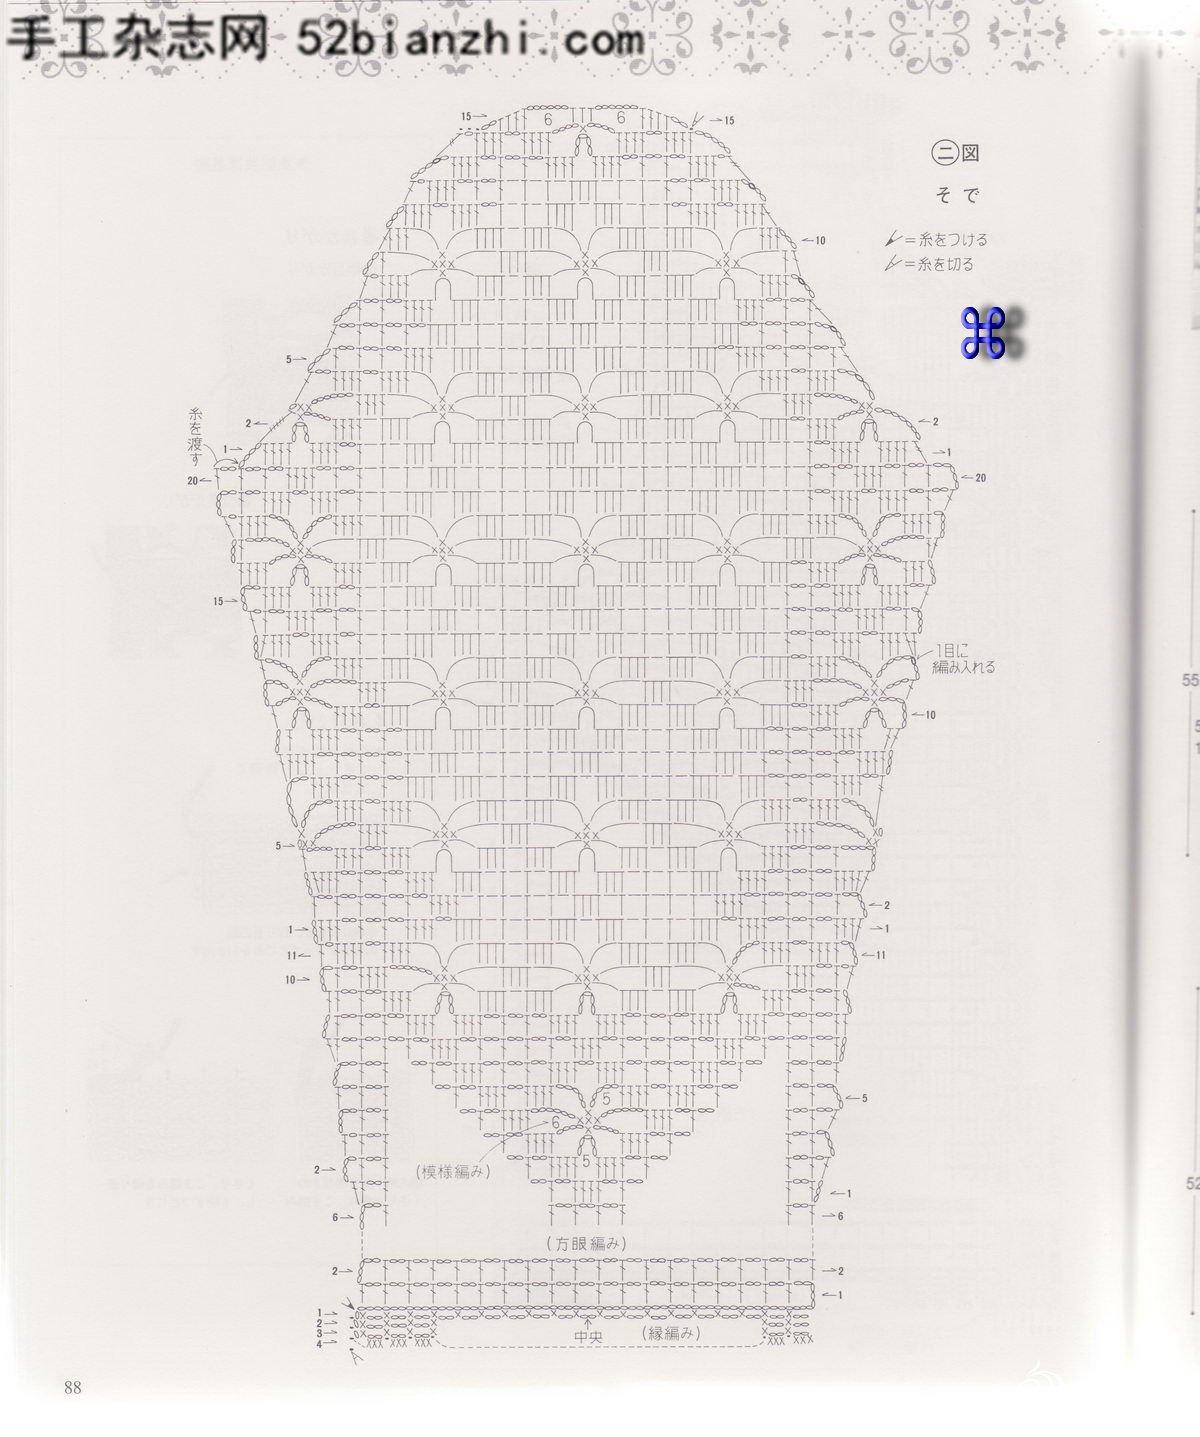 52bianzhi.com (89).jpg